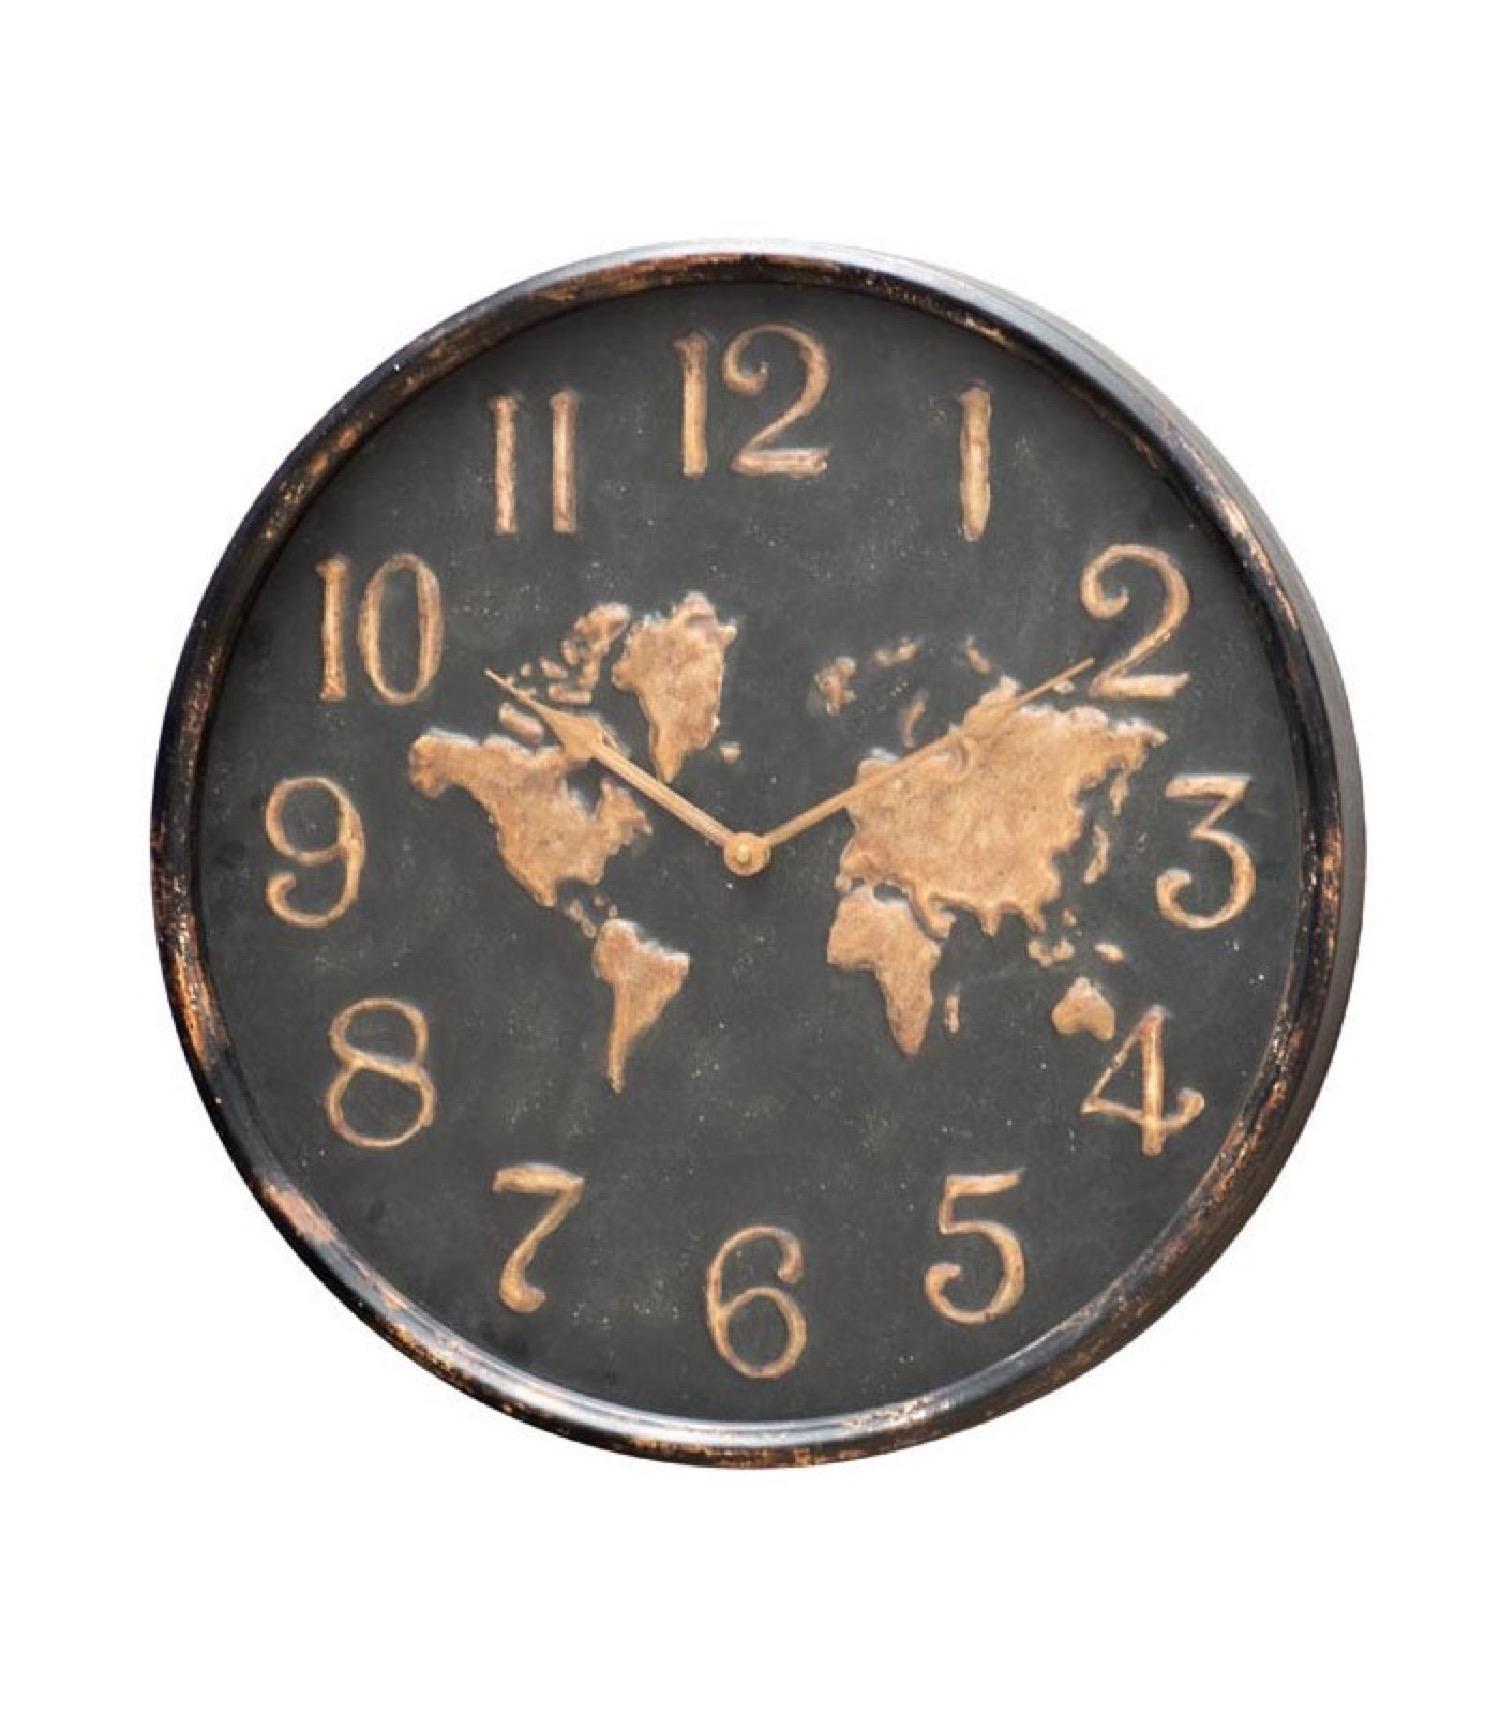 Horloge murale ronde en métal noir et doré D48